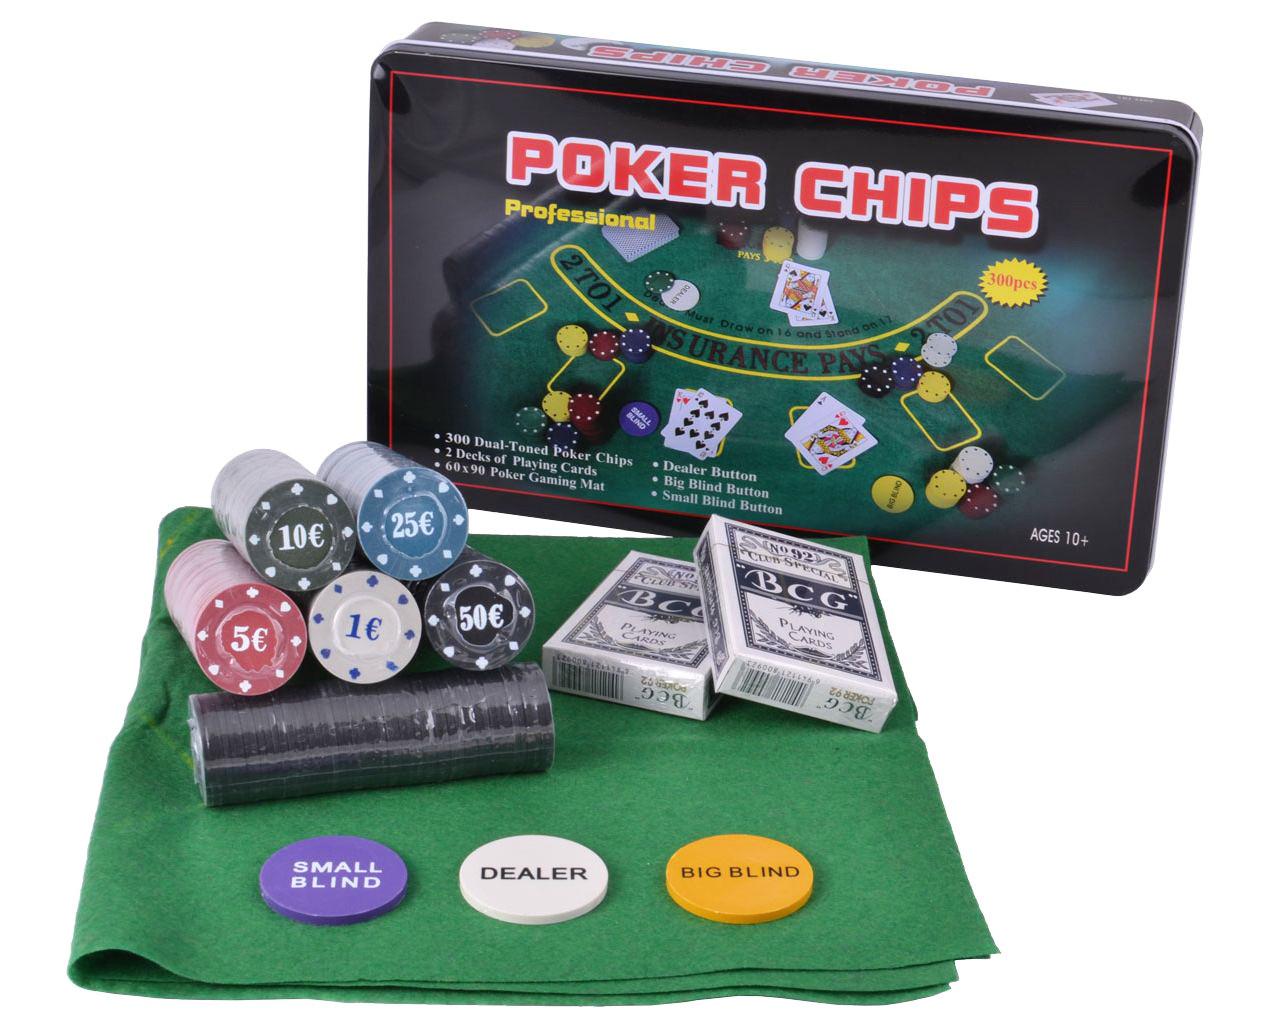 Набор для покера 300 фишек, игральные карты, поле для игры